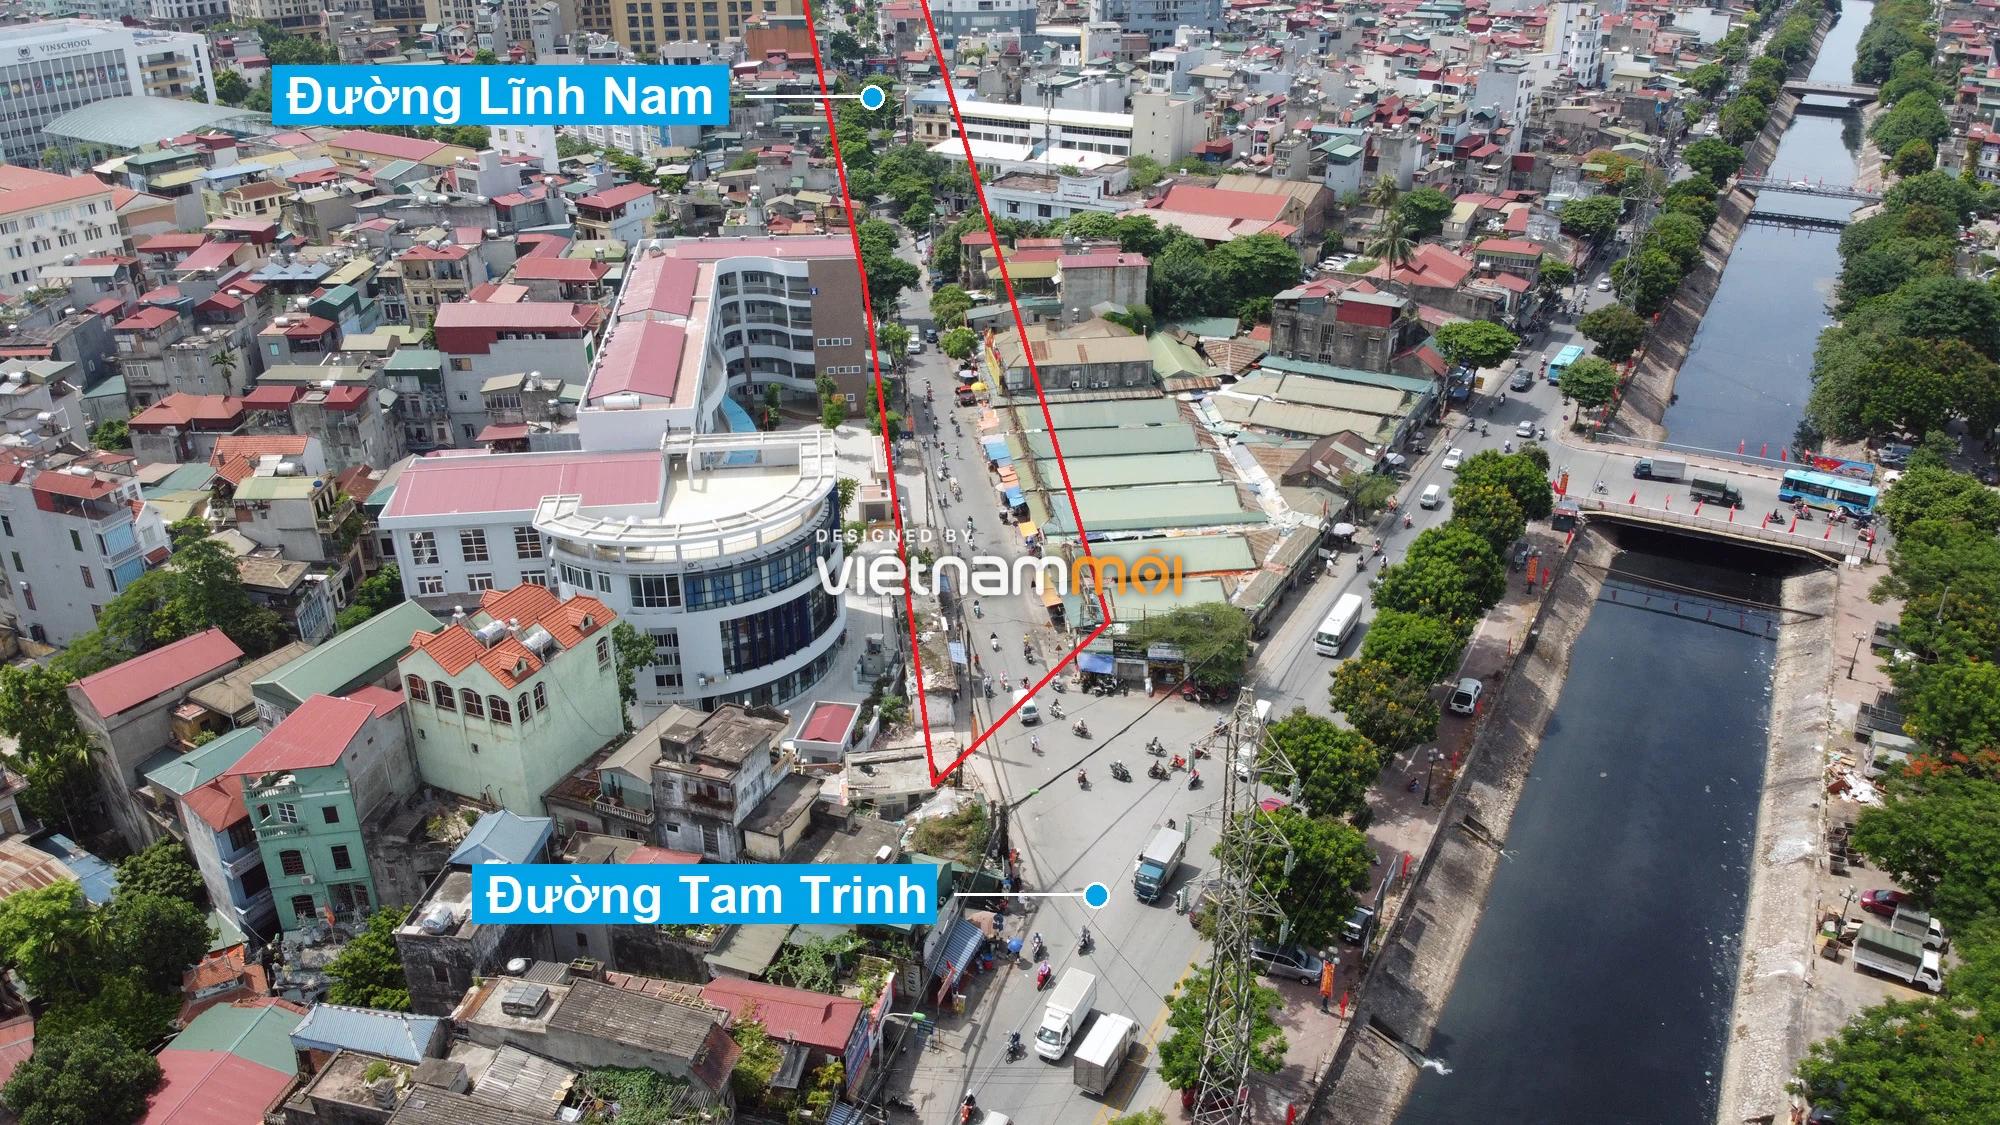 Những khu đất sắp thu hồi để mở đường ở quận Hoàng Mai, Hà Nội (phần 3) - Ảnh 11.